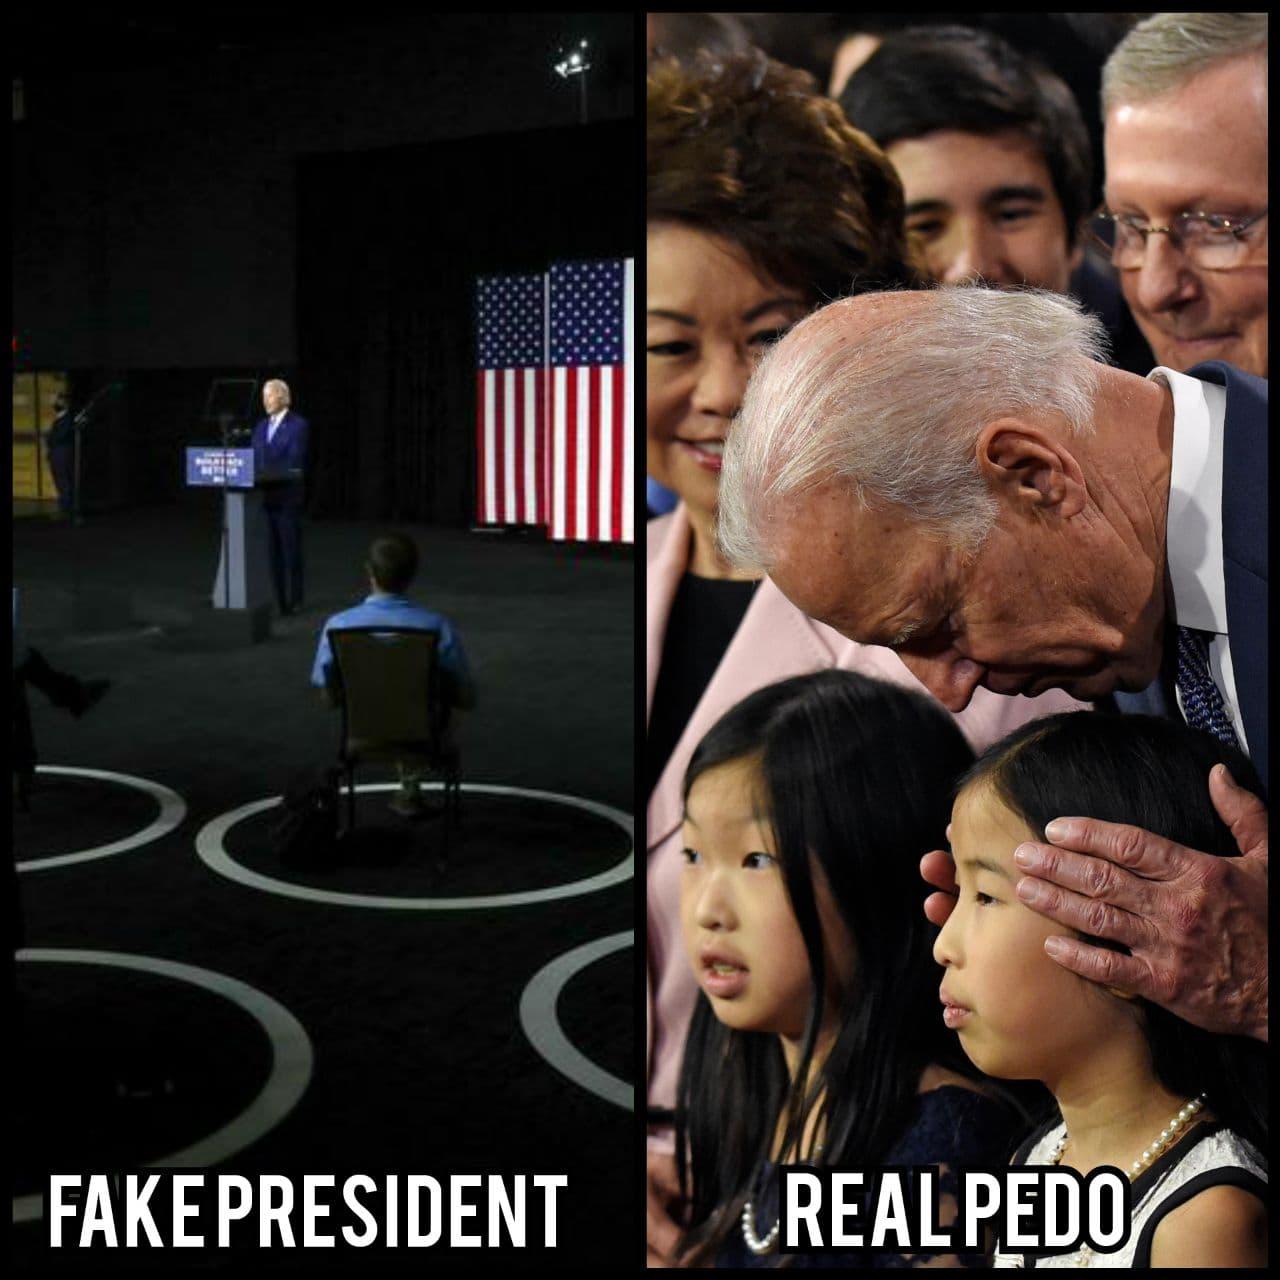 FakePresidentrealPEDO.jpg